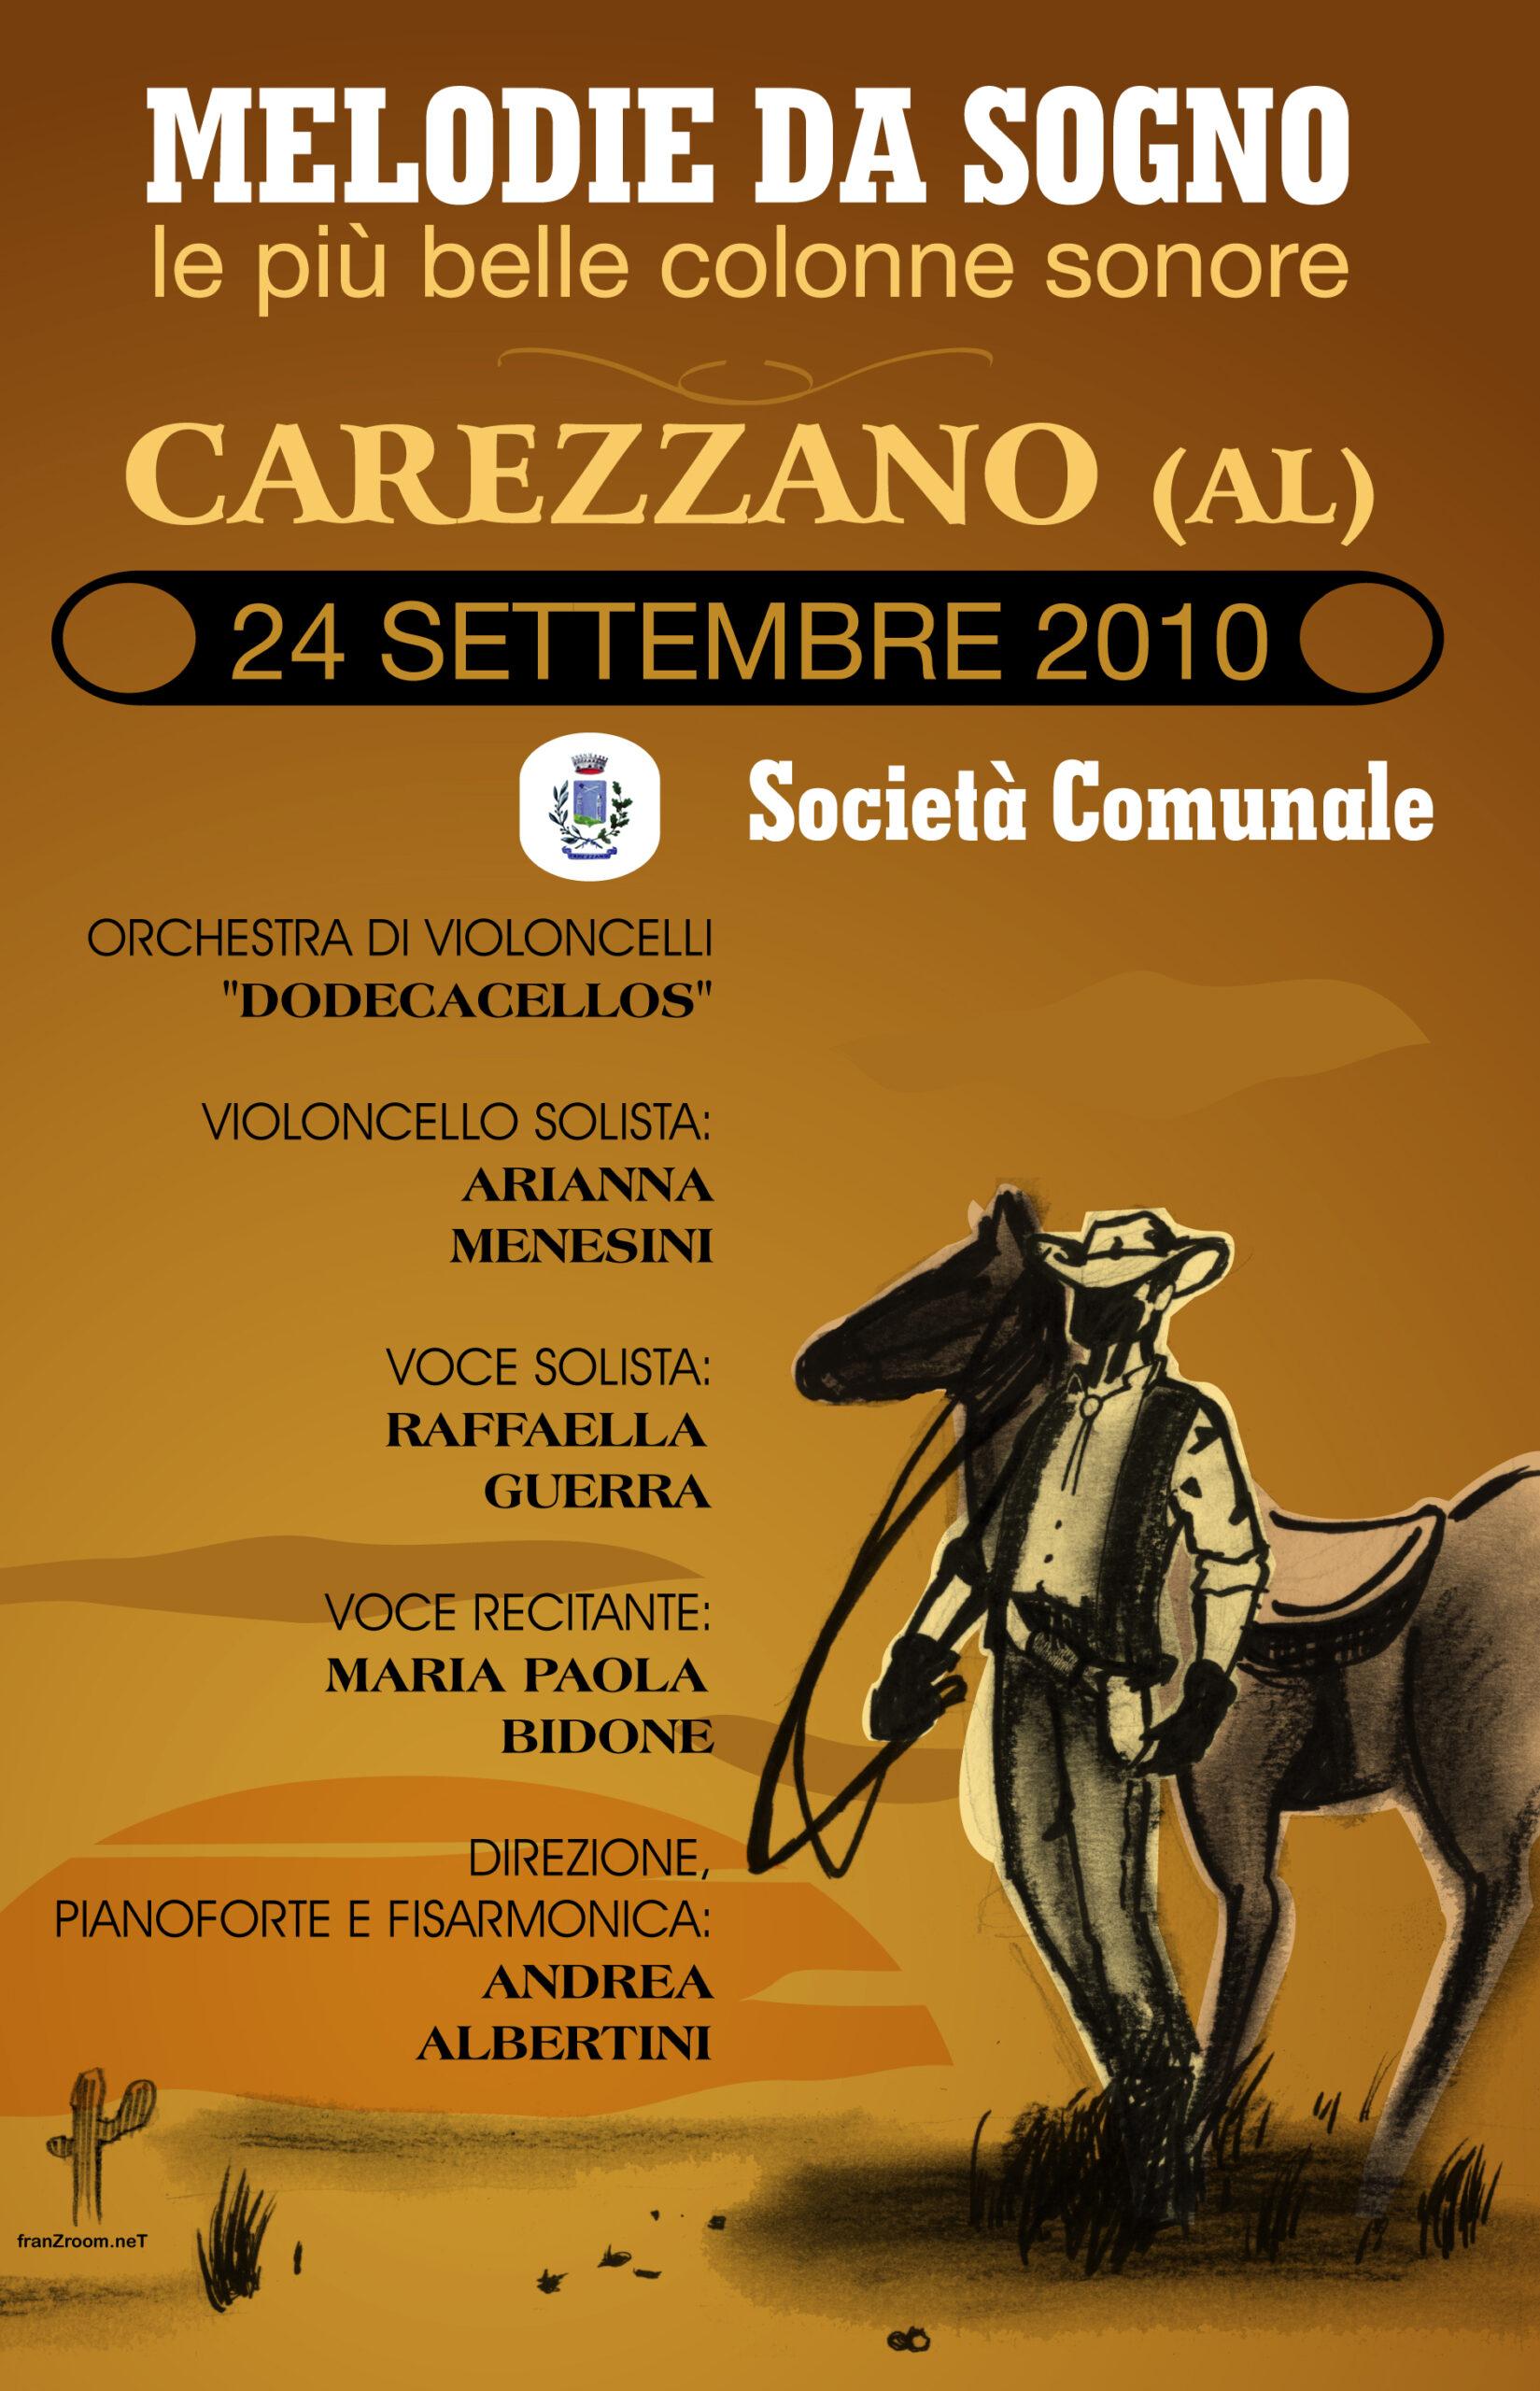 Colonne Sonore a Carezzano, manifesto di Andrea Franzosi franzroom.net